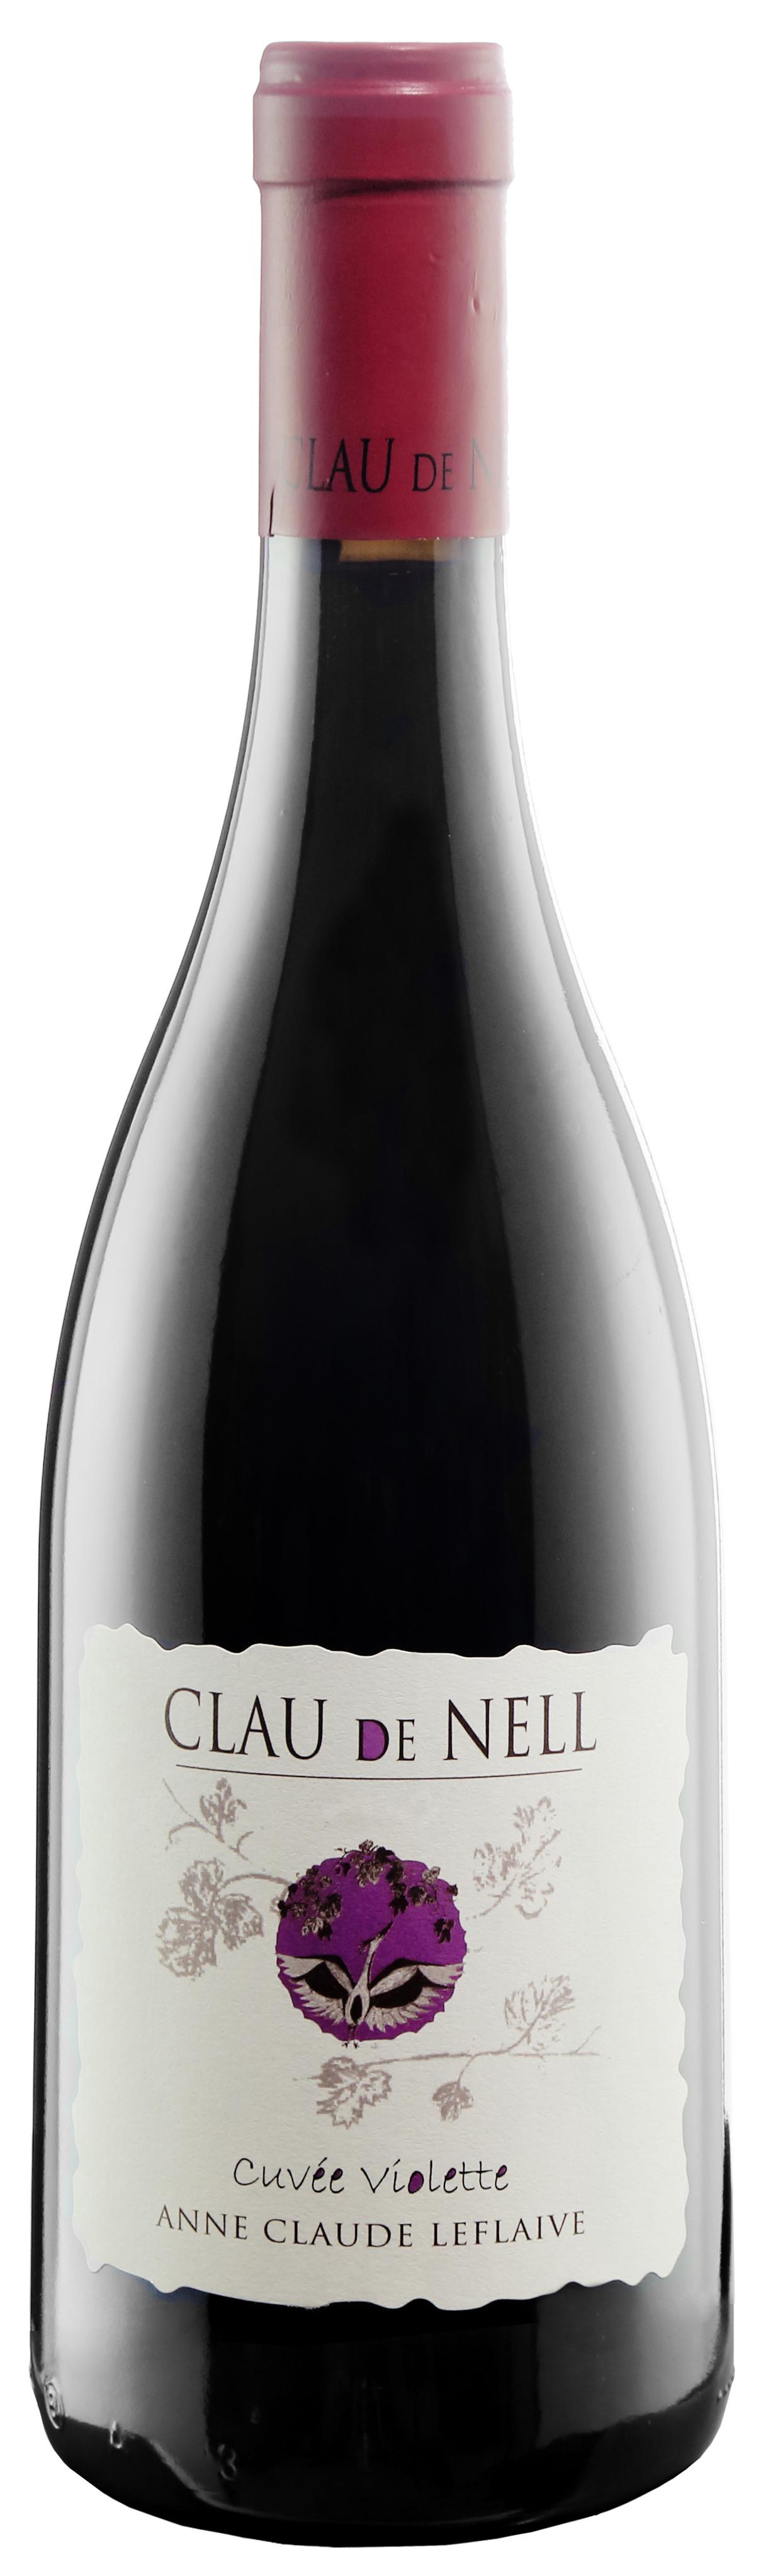 Clau de Nell, Anjou 'Cuvée Violette' 2014